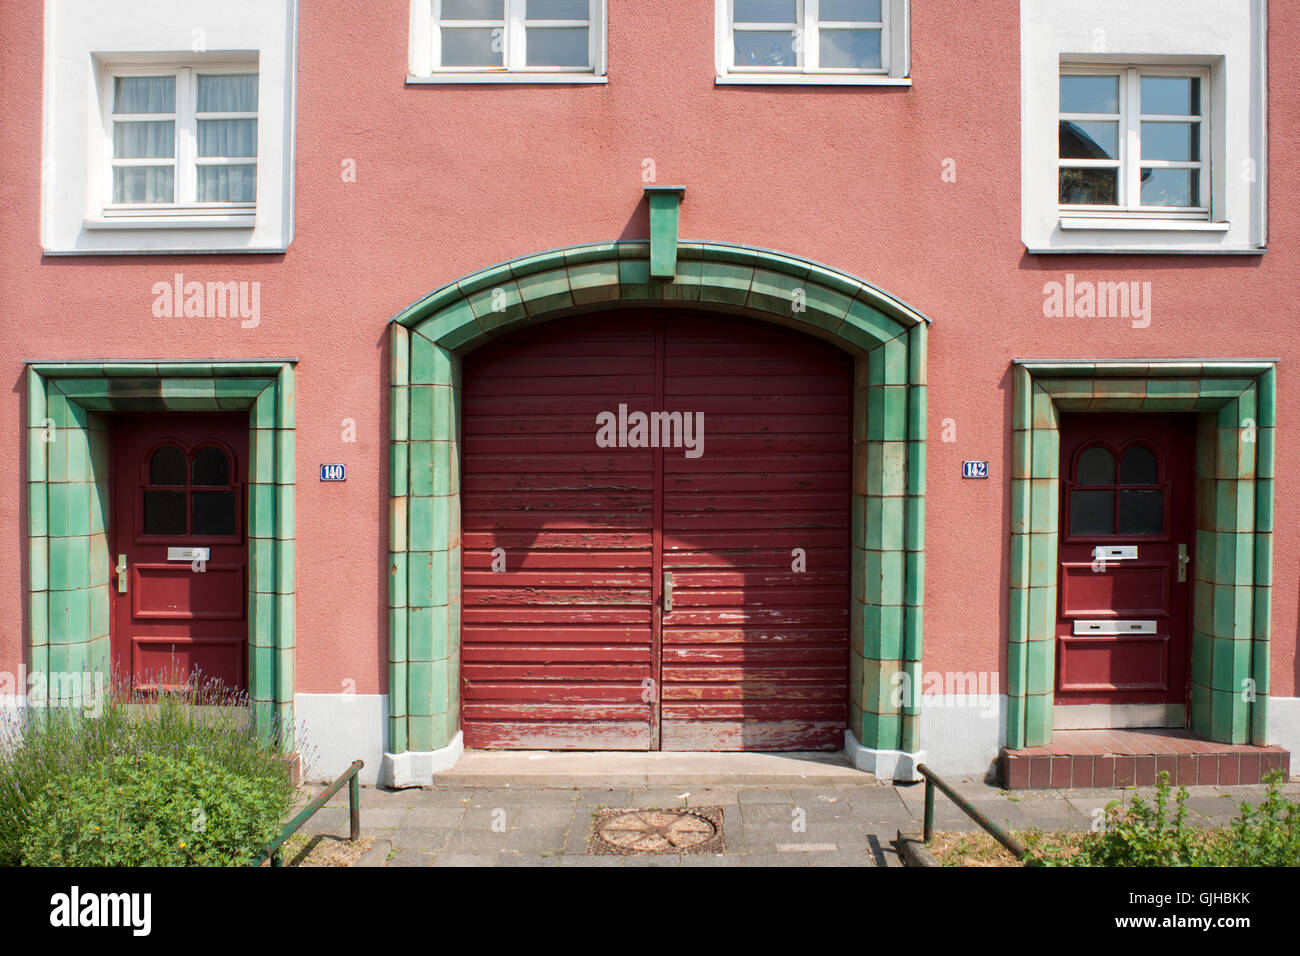 BRD, Deutschland, NRW, Frechen-Bachem, Hubert-Prott-Strasse 148, keramische Türrahmungen, Ooms´sche Keramik - Stock Image